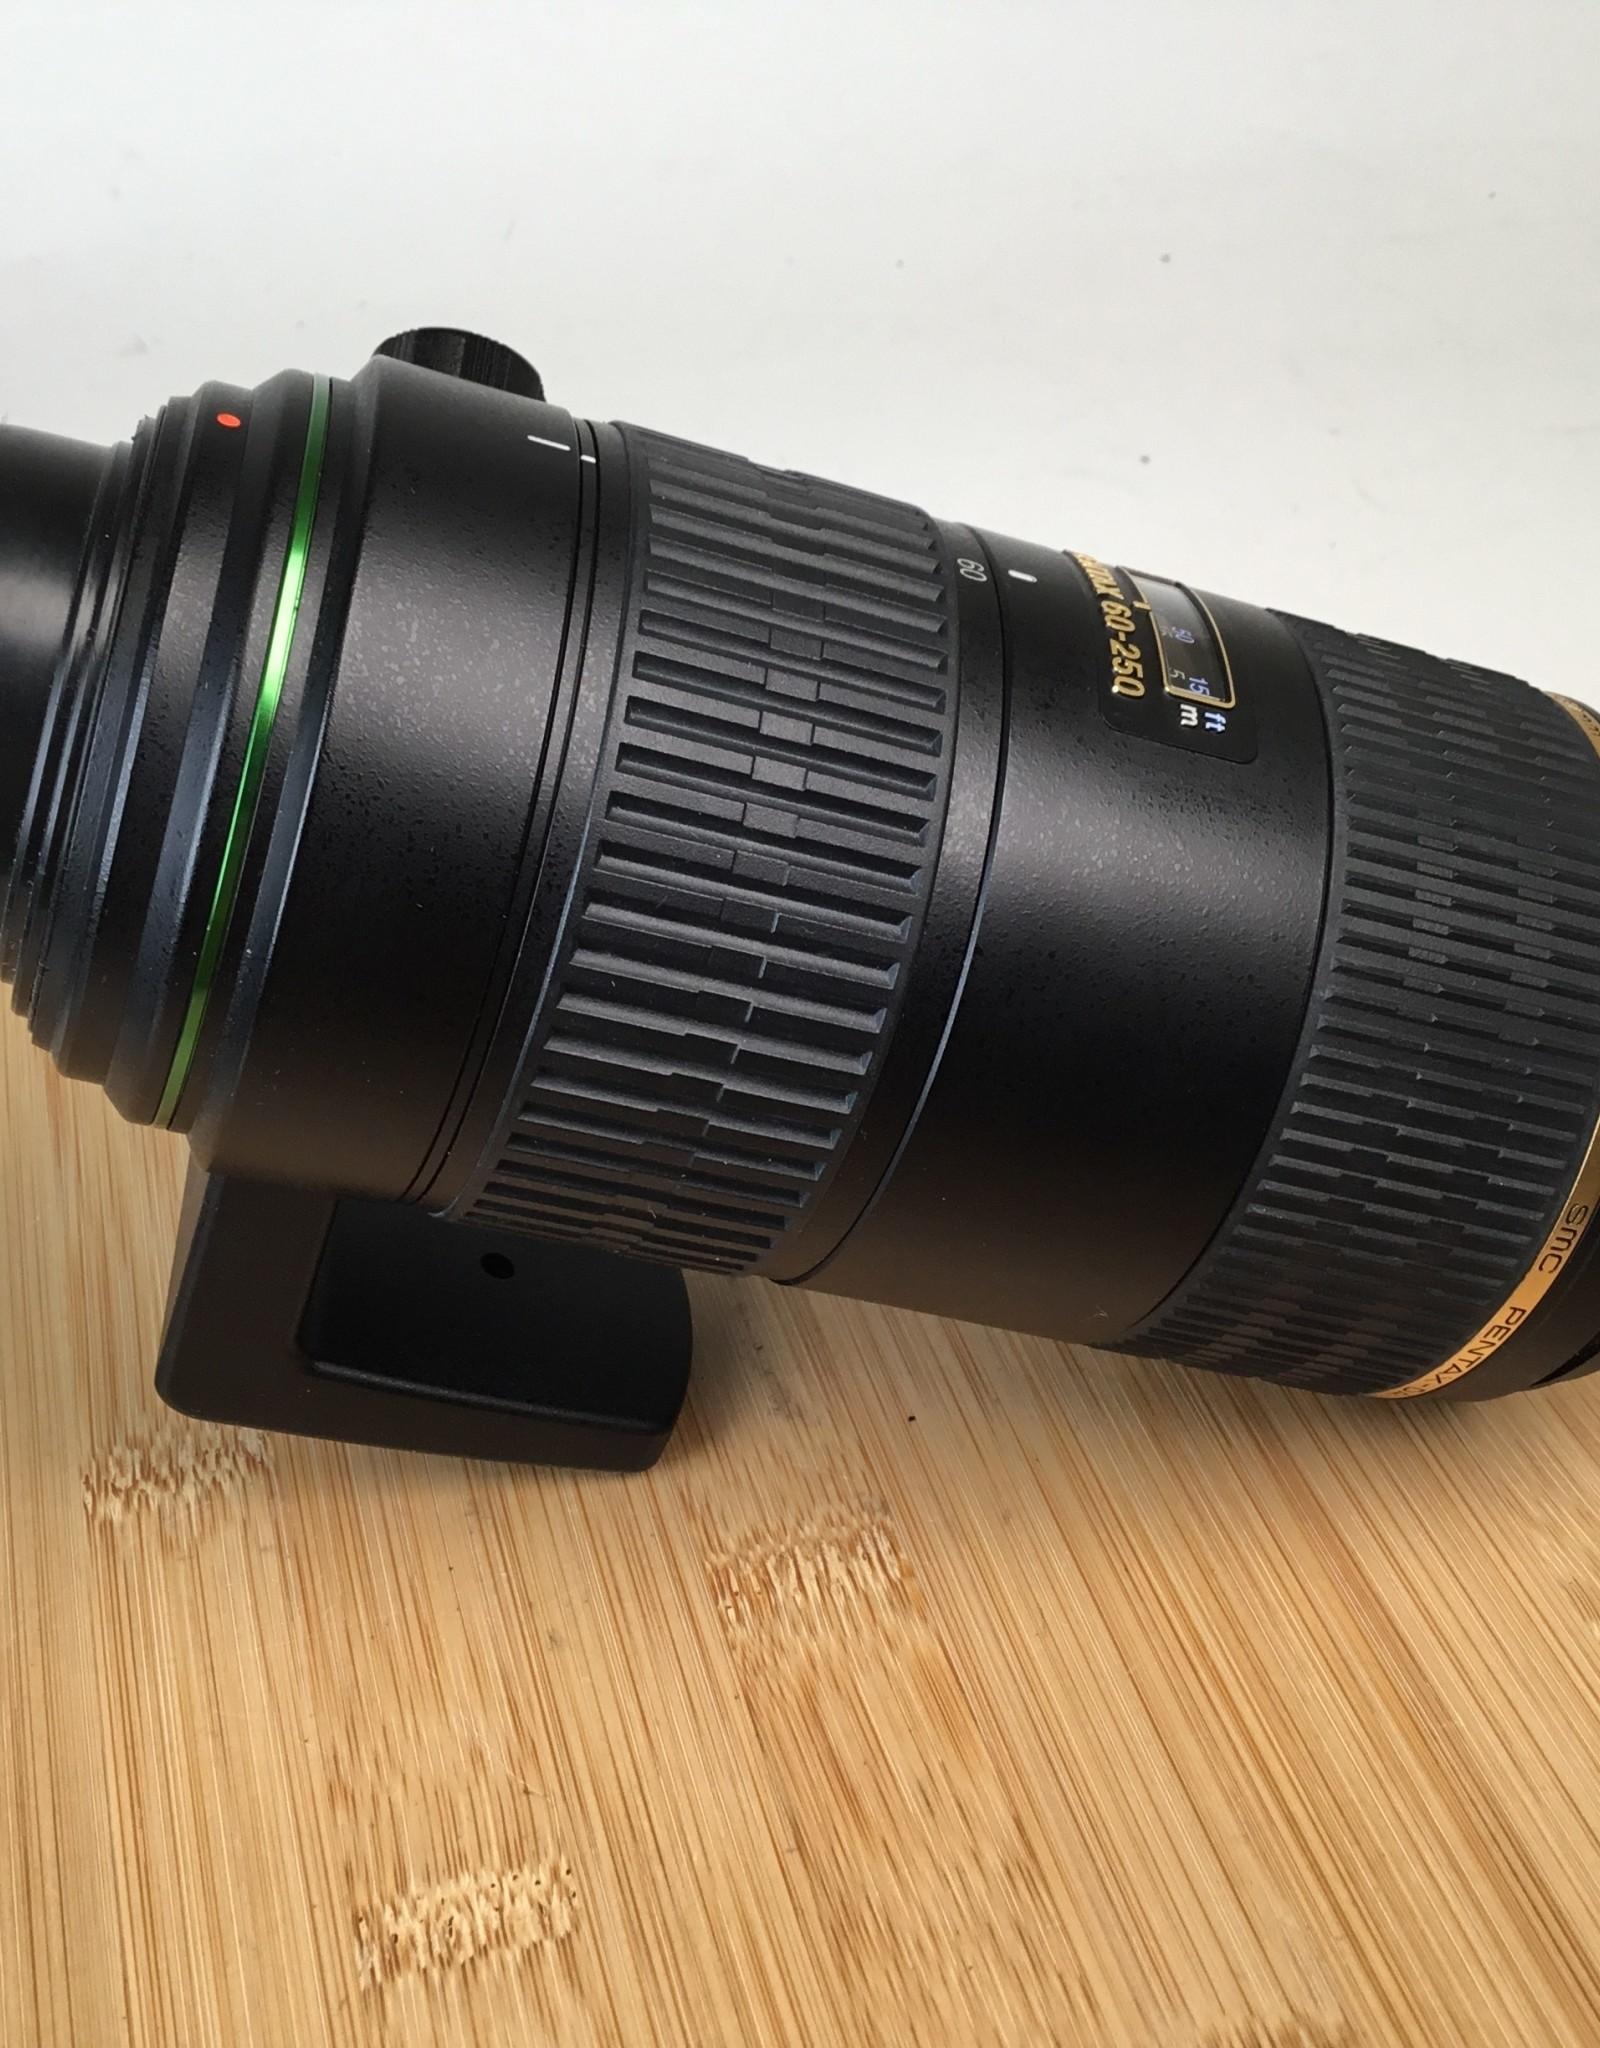 Pentax Pentax 60-250mm f4 DA AF SDM Lens Uses EX